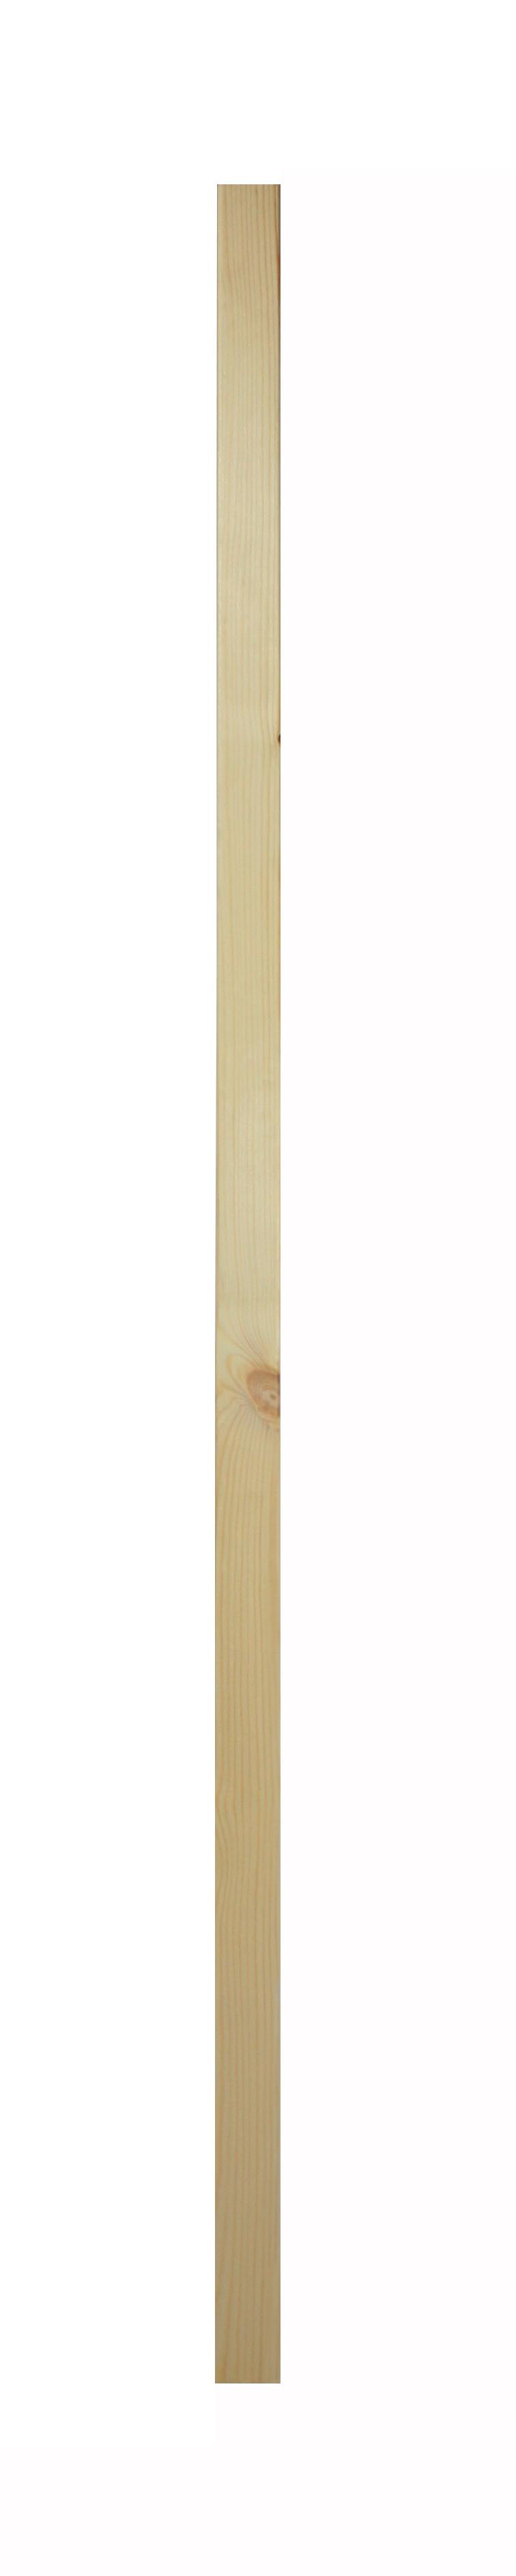 1 Pine Plain Baluster 900 27